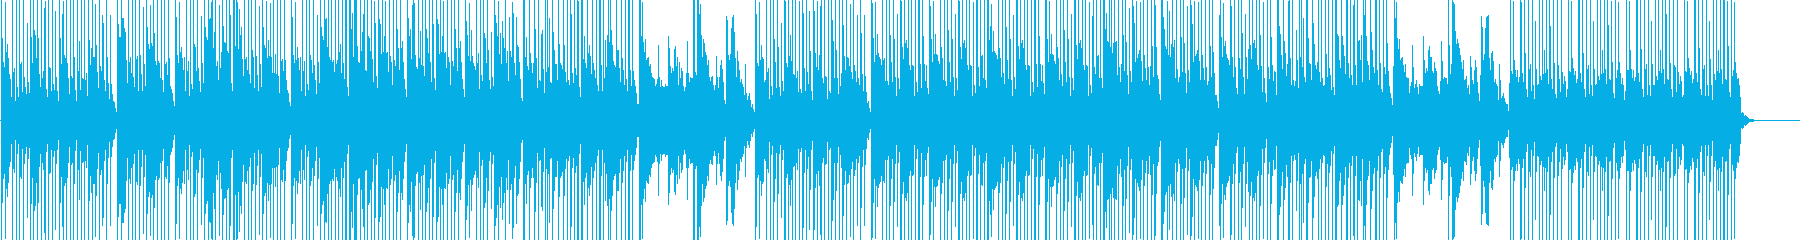 和風 三味線と尺八の軽やかな楽曲の再生済みの波形